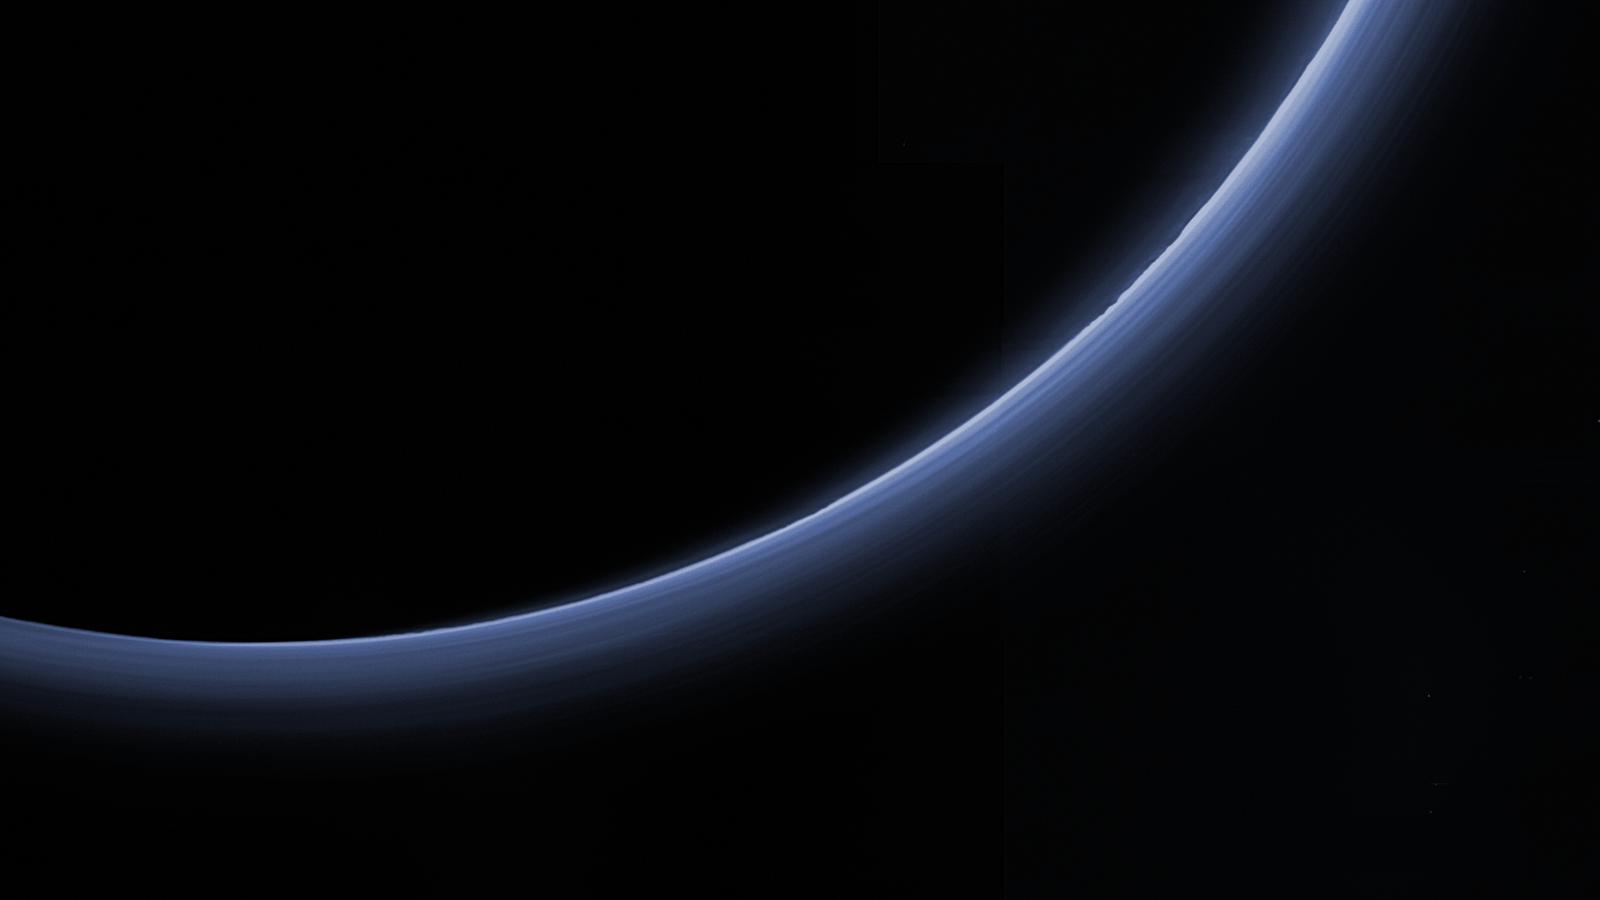 Hustota atmosféry Pluta je proměnlivá, ale nesouvisí jen se vzdáleností od Slunce